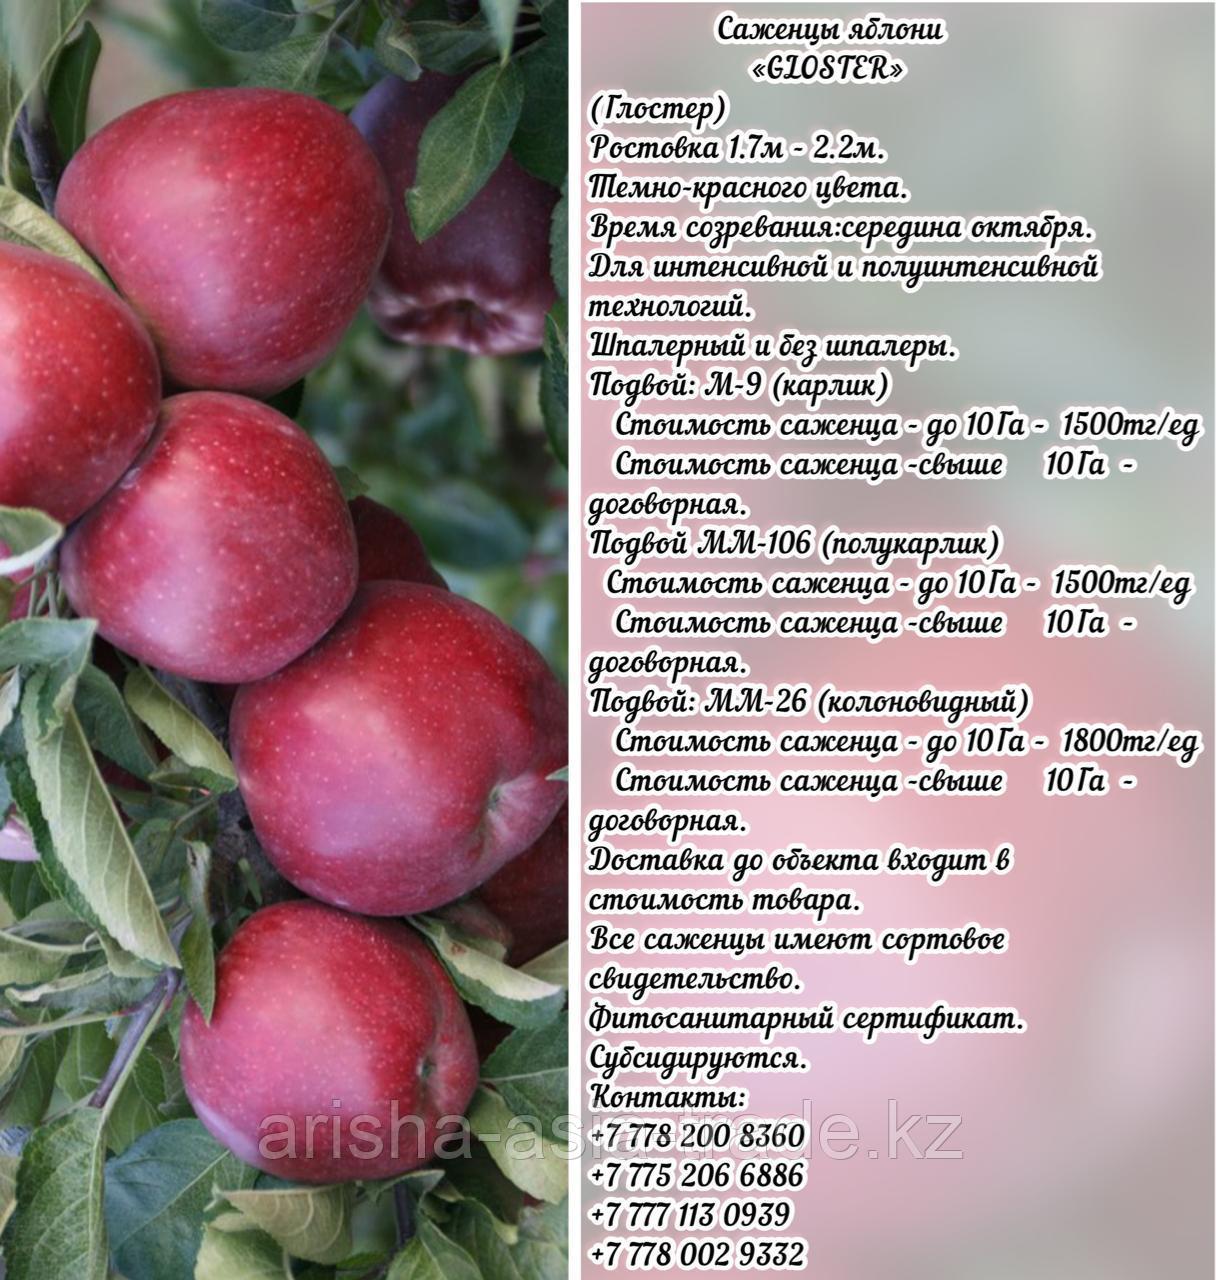 """Саженцы яблони """"Gloster""""  (Глостер) подвой мм 26 Сербия"""